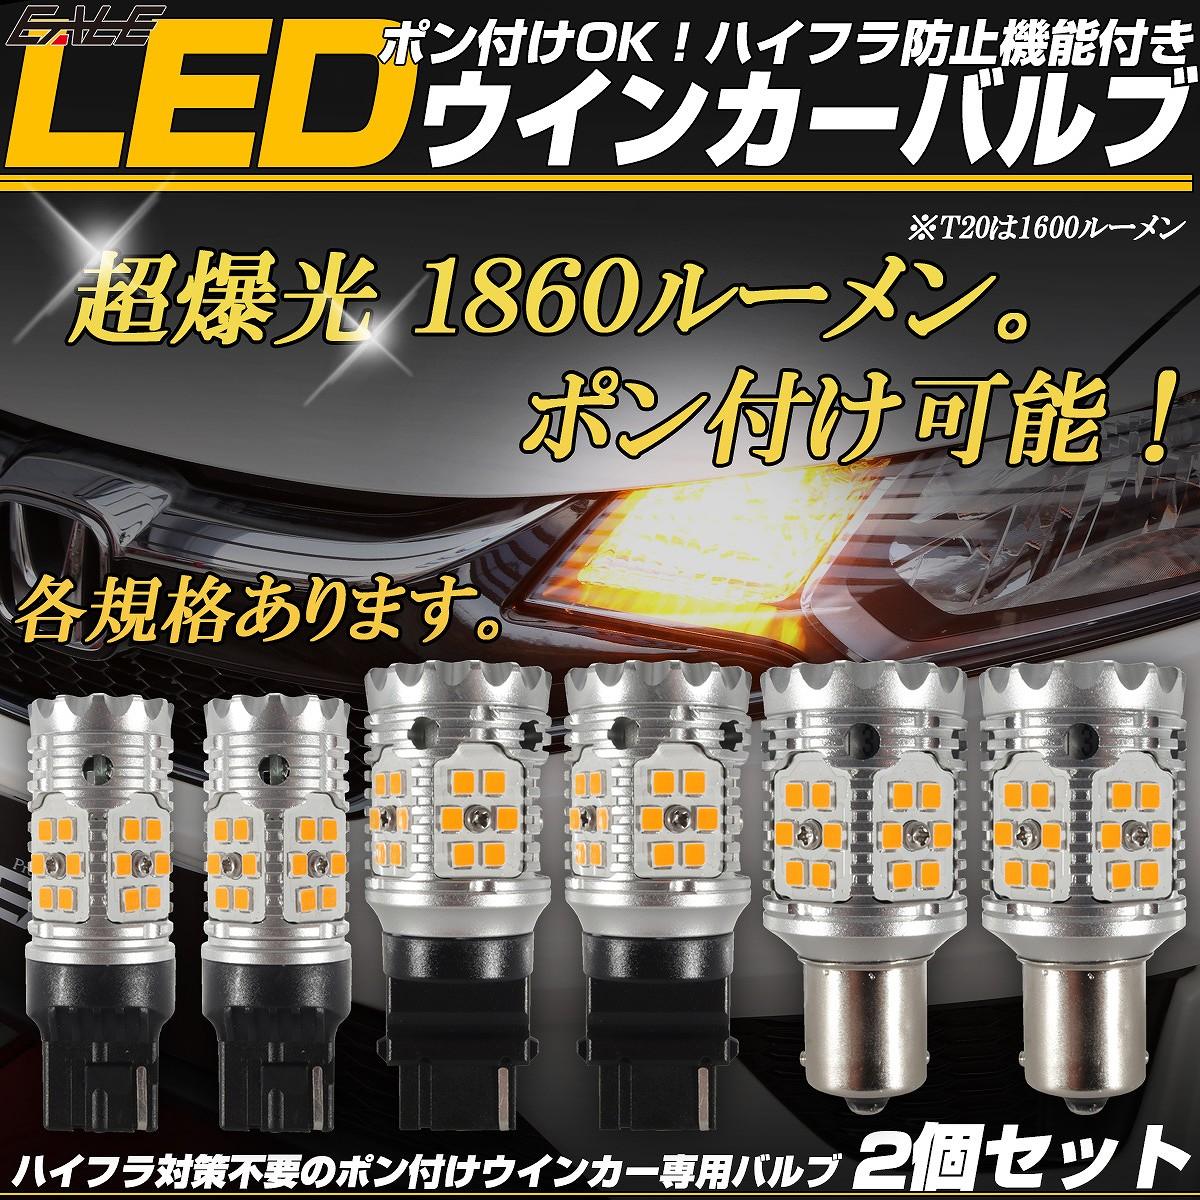 ハイフラ防止 LEDウインカー バルブ T20 ピンチ部違い兼用 S25シングル 180度 150度 BA15s BAU15s 3156 T25 12V 2個 B-59C-81C-82D-10